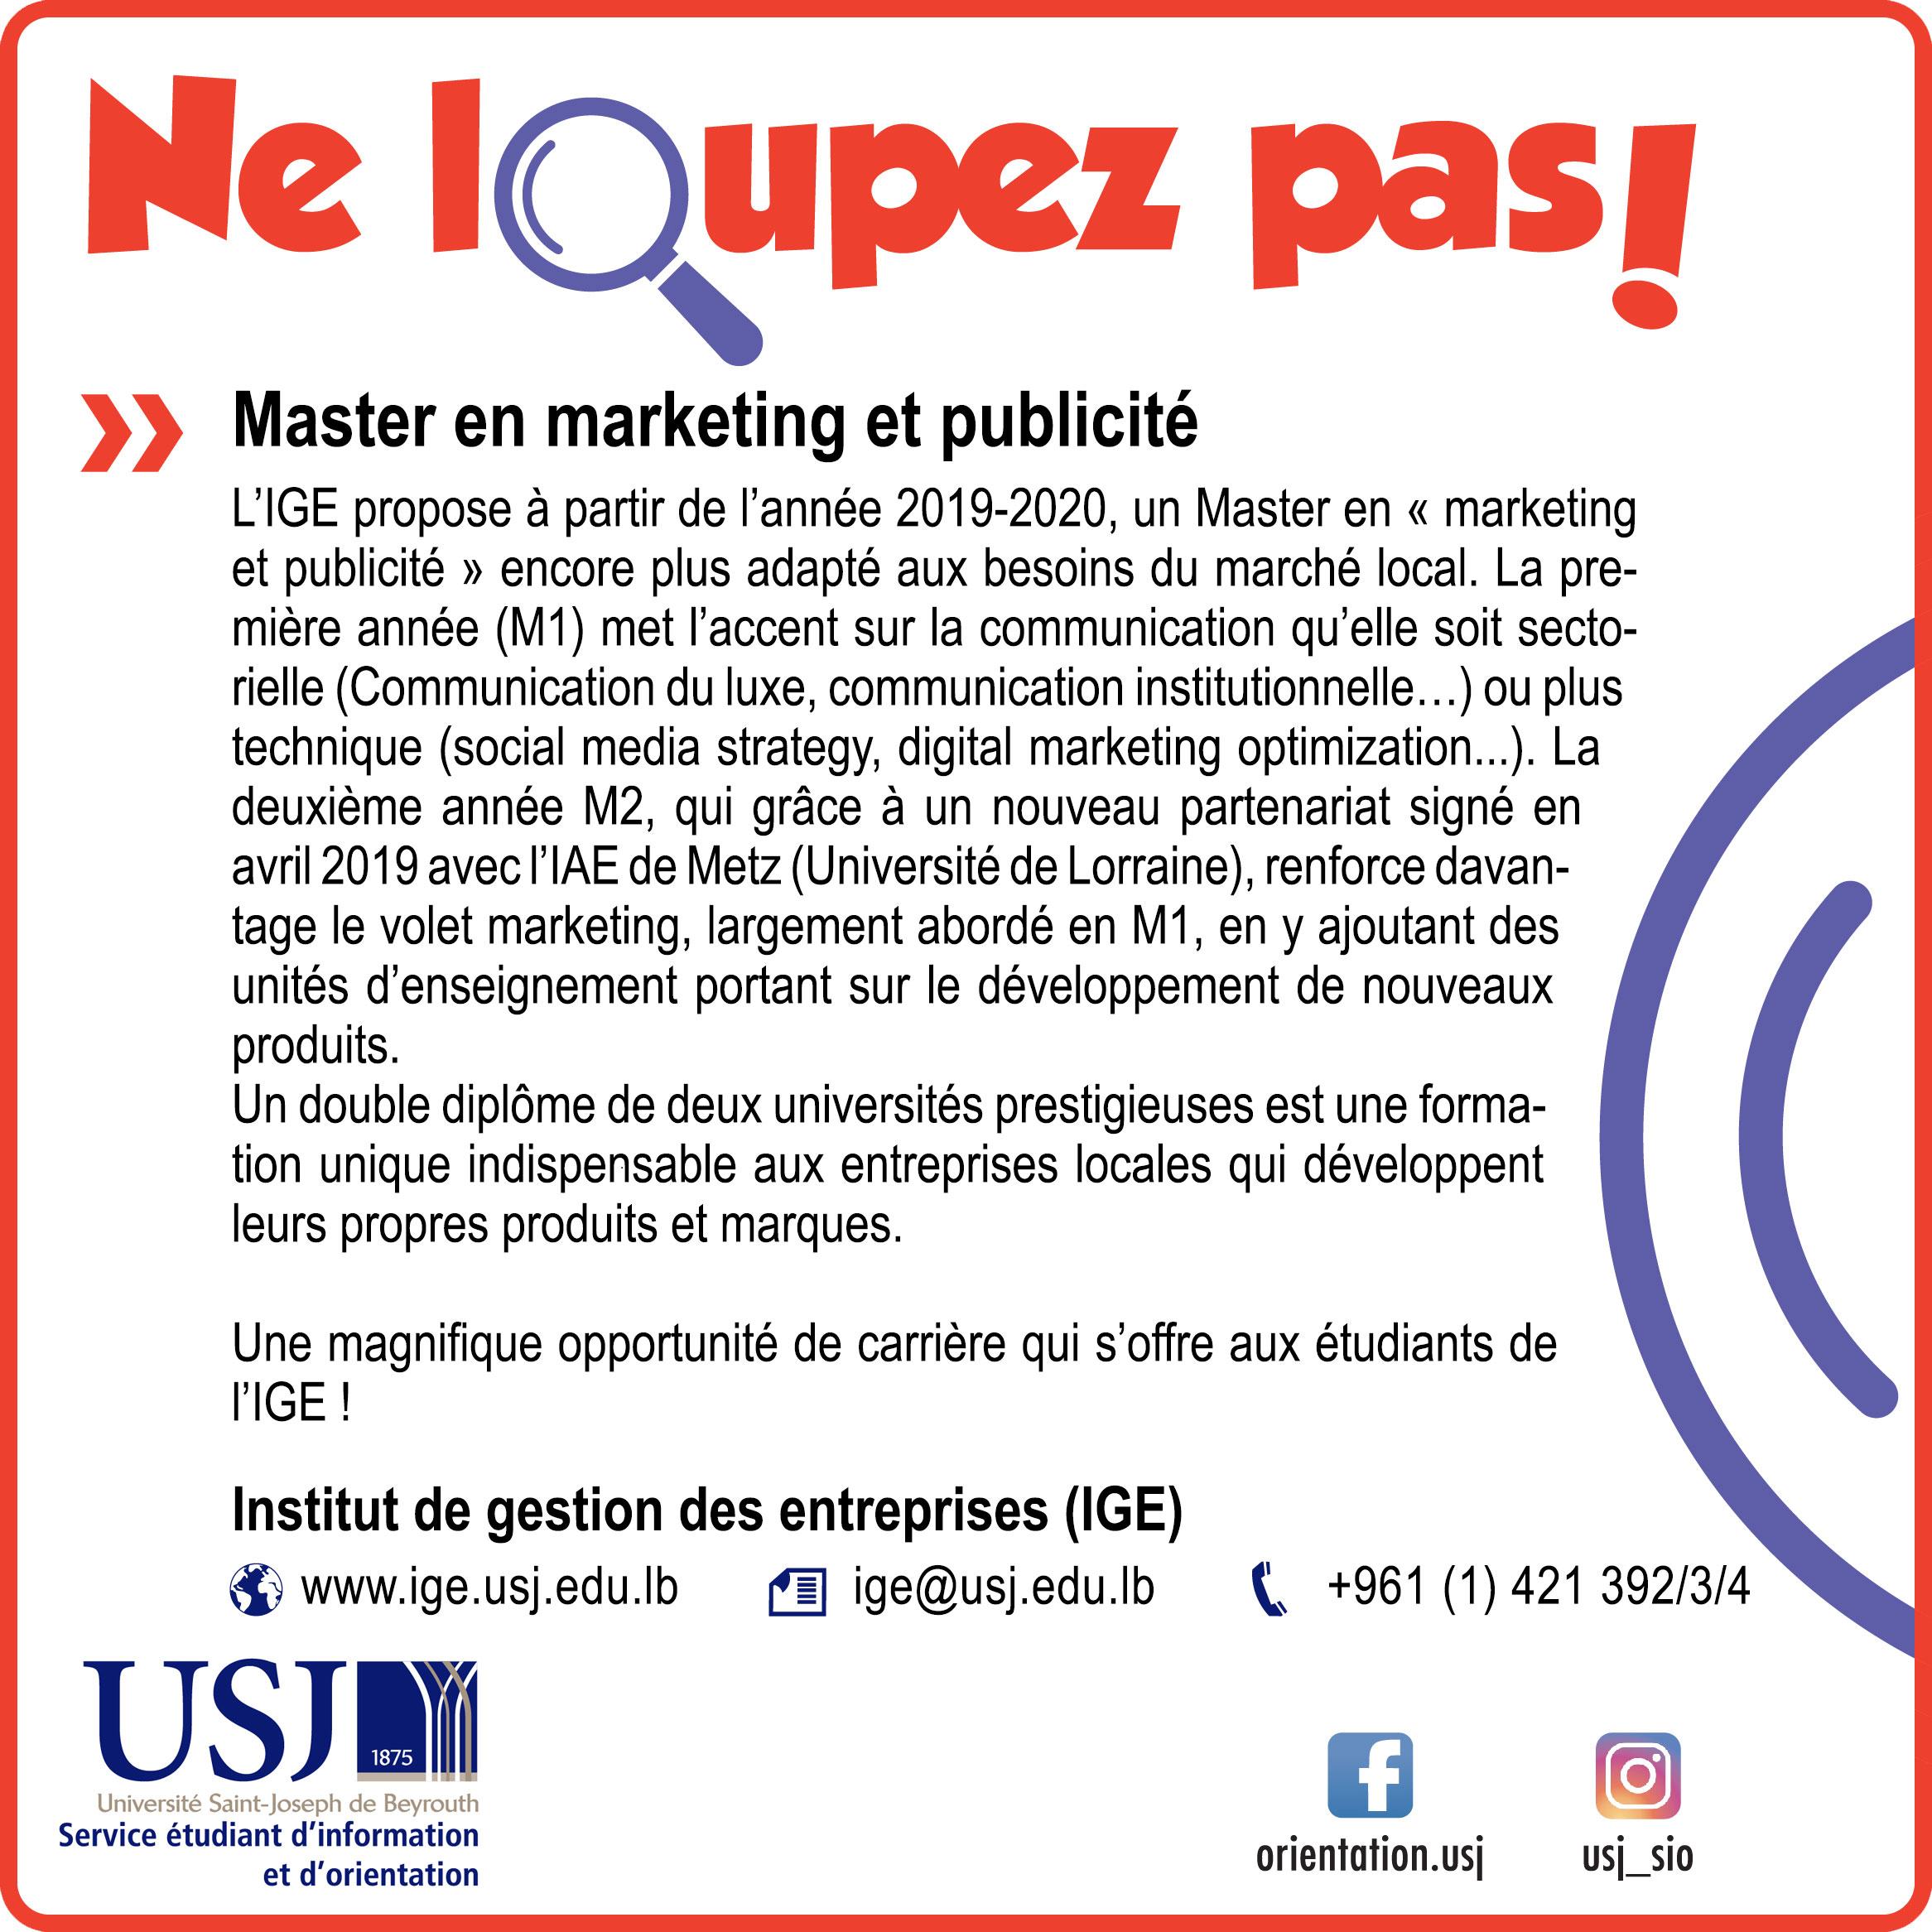 Master en marketing et publicité